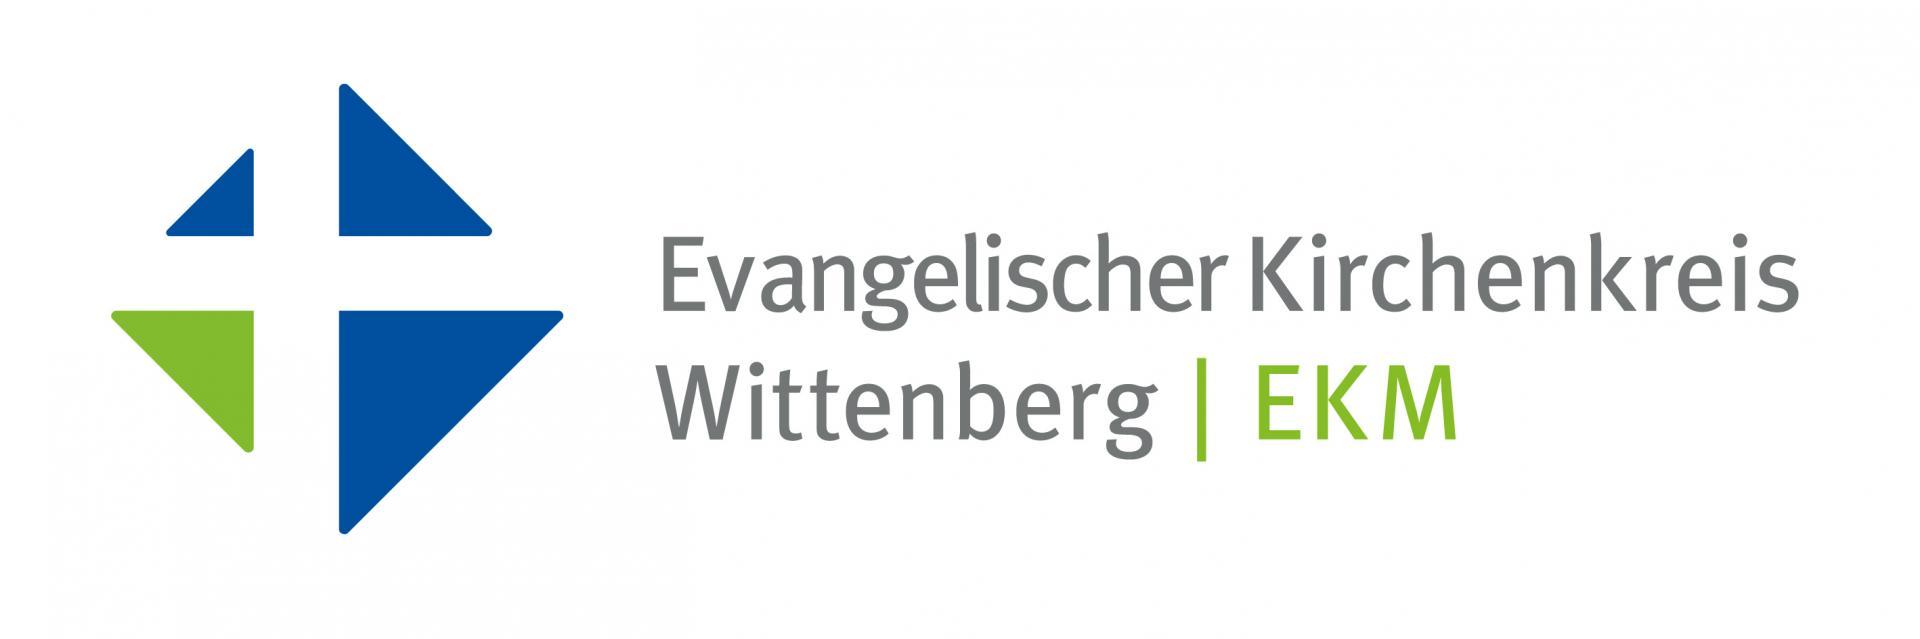 Kirchenkreis_Wittenberg